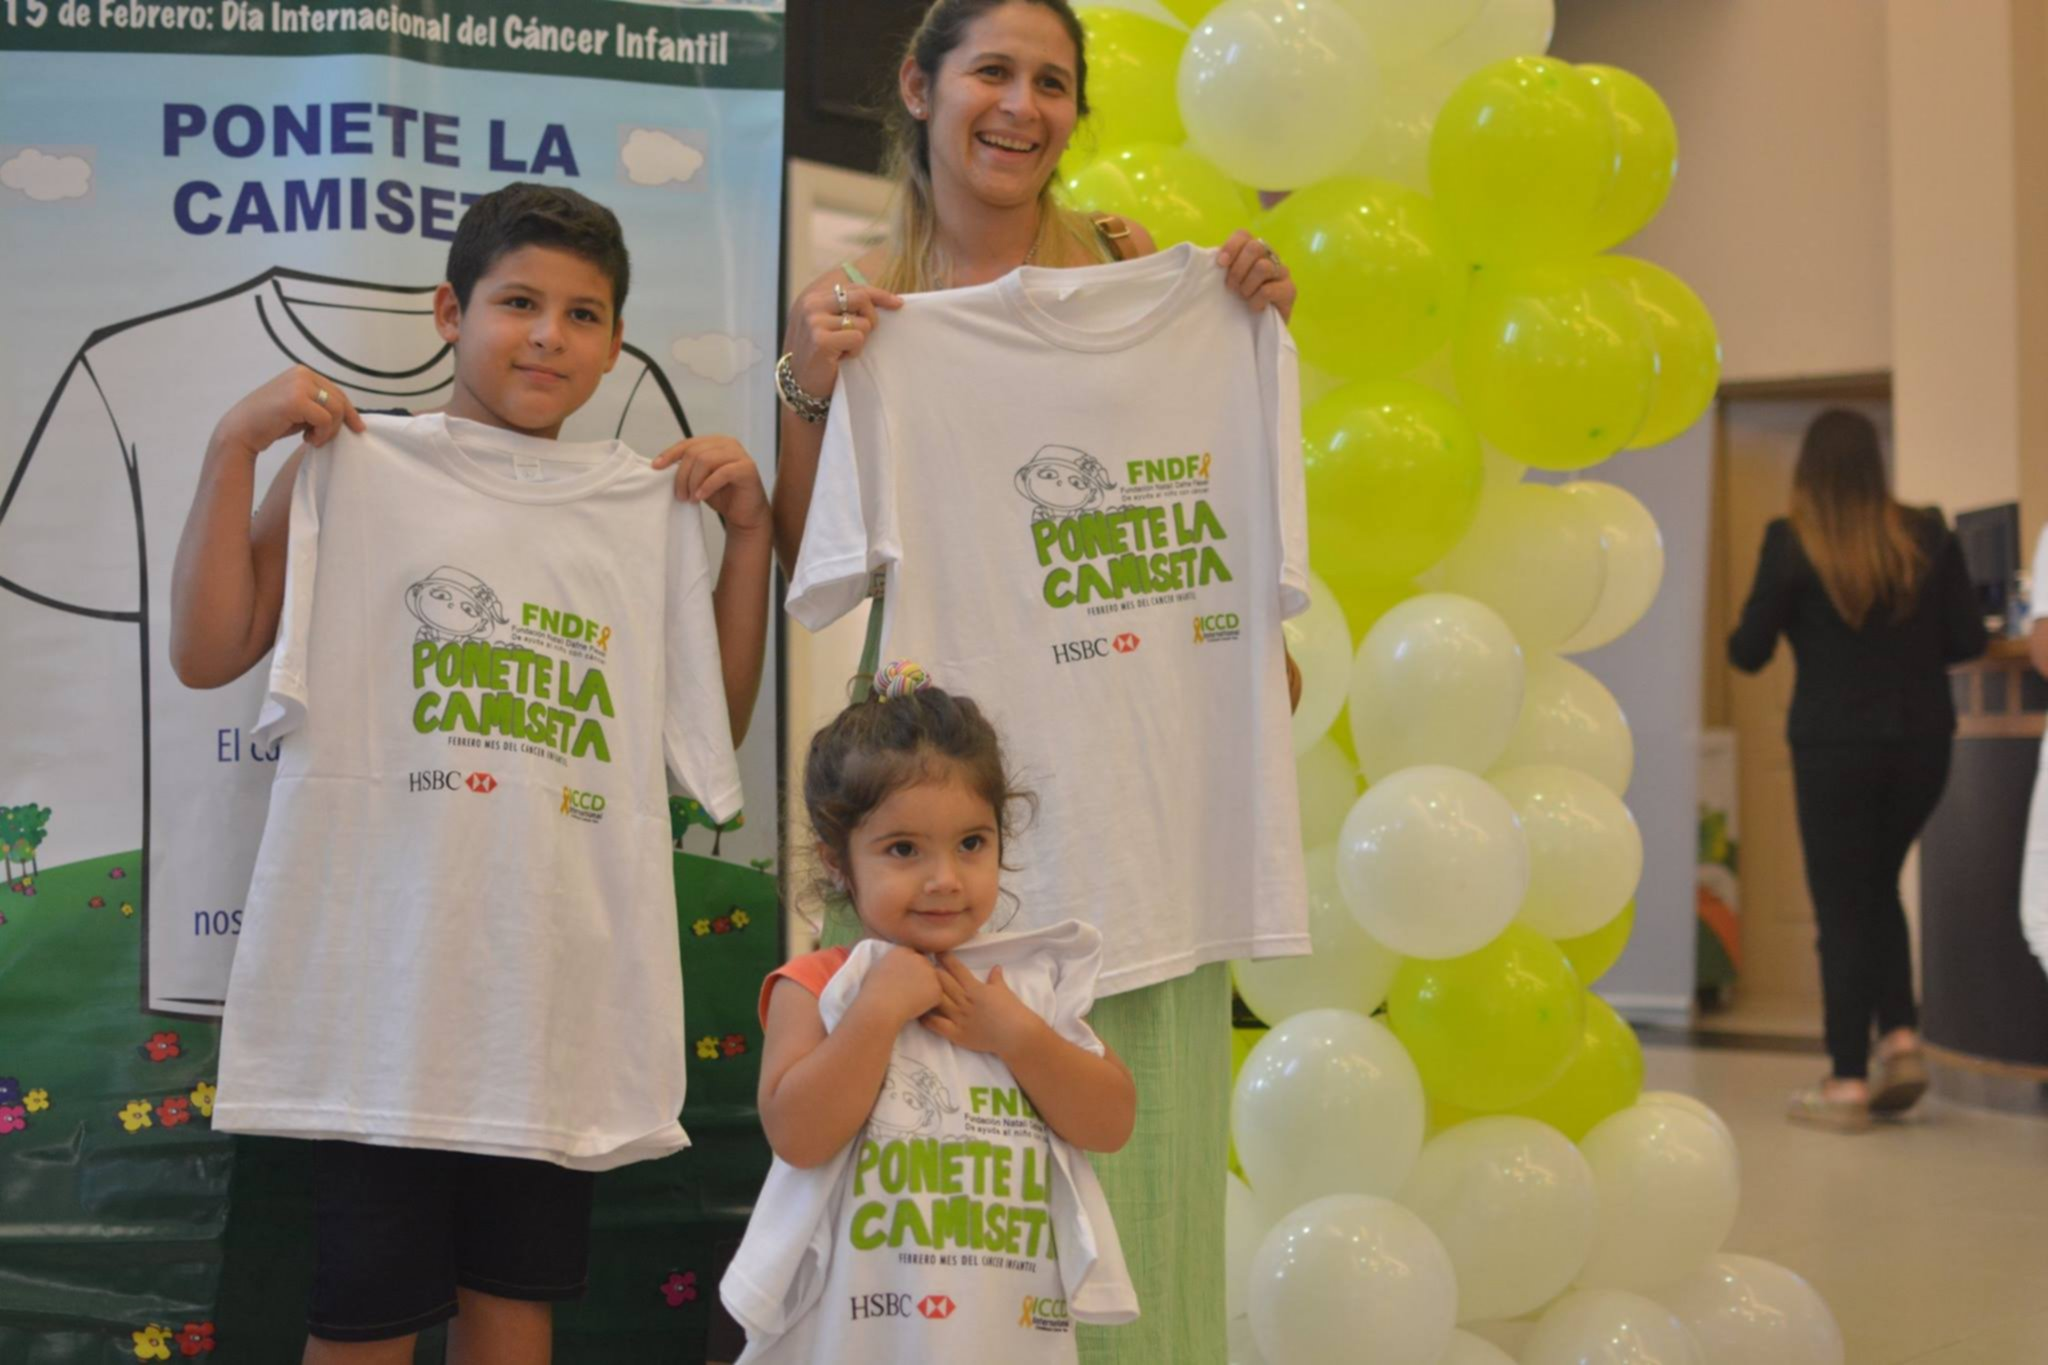 <p>Invitaci&oacute;n. Proponen ir el 15 de febrero a apoyar la propuesta en el shopping de avenida Centenario. Foto Ilustrativa.</p>